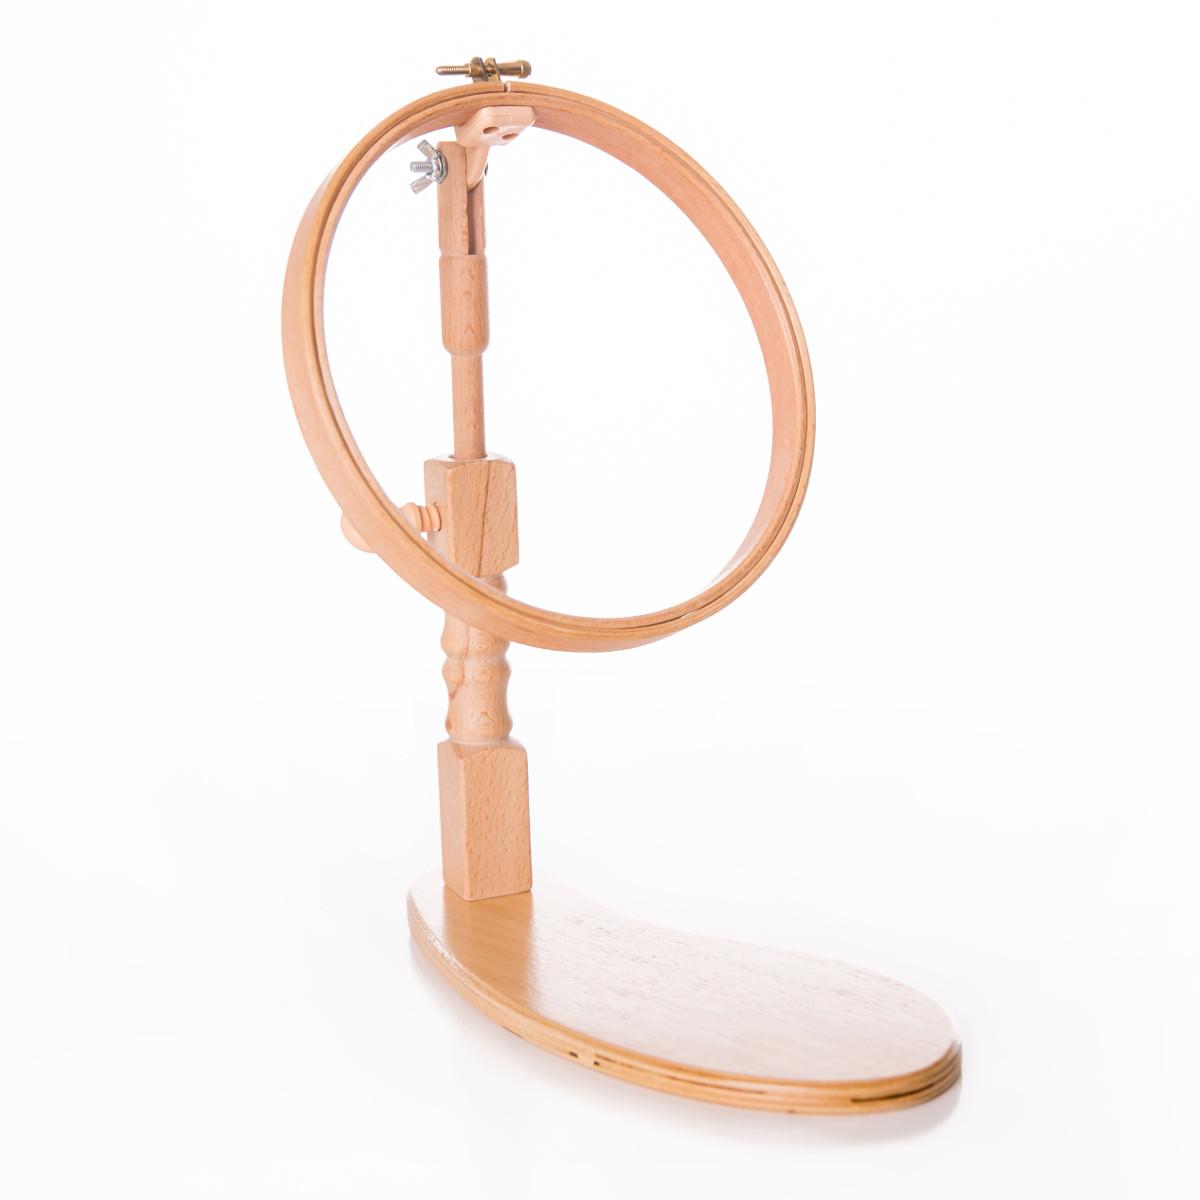 Sitz-Stickrahmen bzw. Stickring aus Holz mit justierbarem Ständer